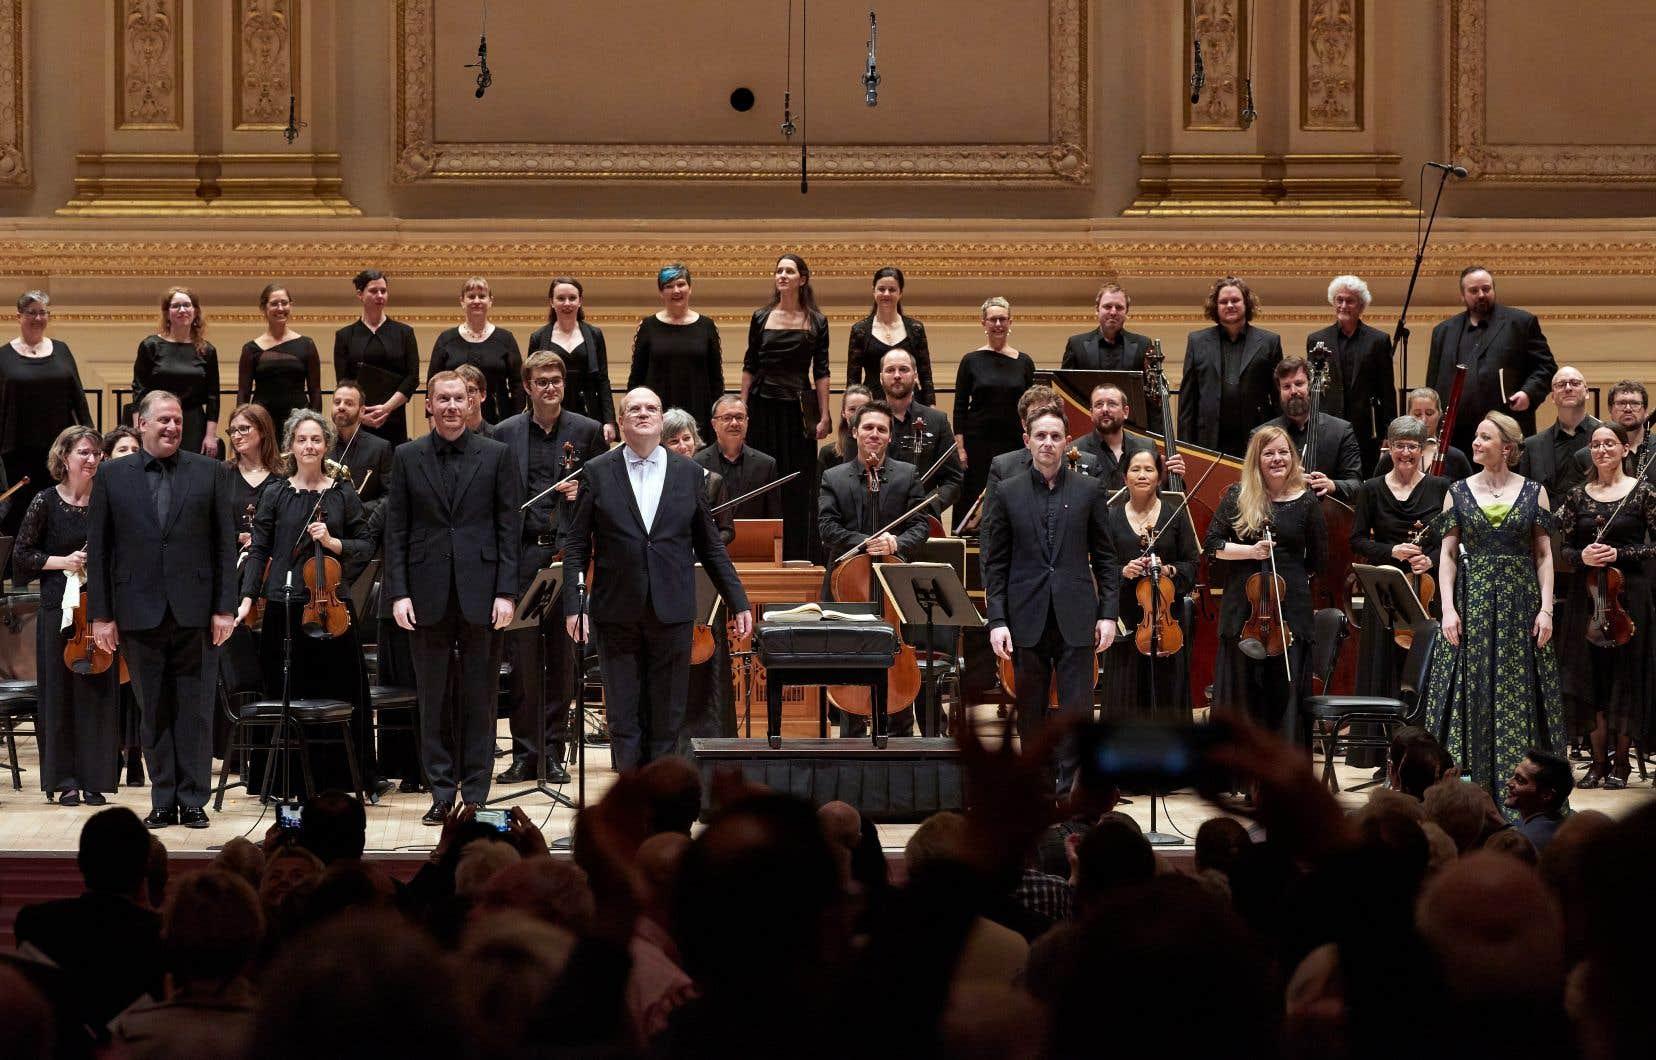 La clé de l'impact de la «Messe en si» de Bernard Labadie et des formidables instrumentistes et choristes qui l'entourent, c'est la coulée musicale générale.